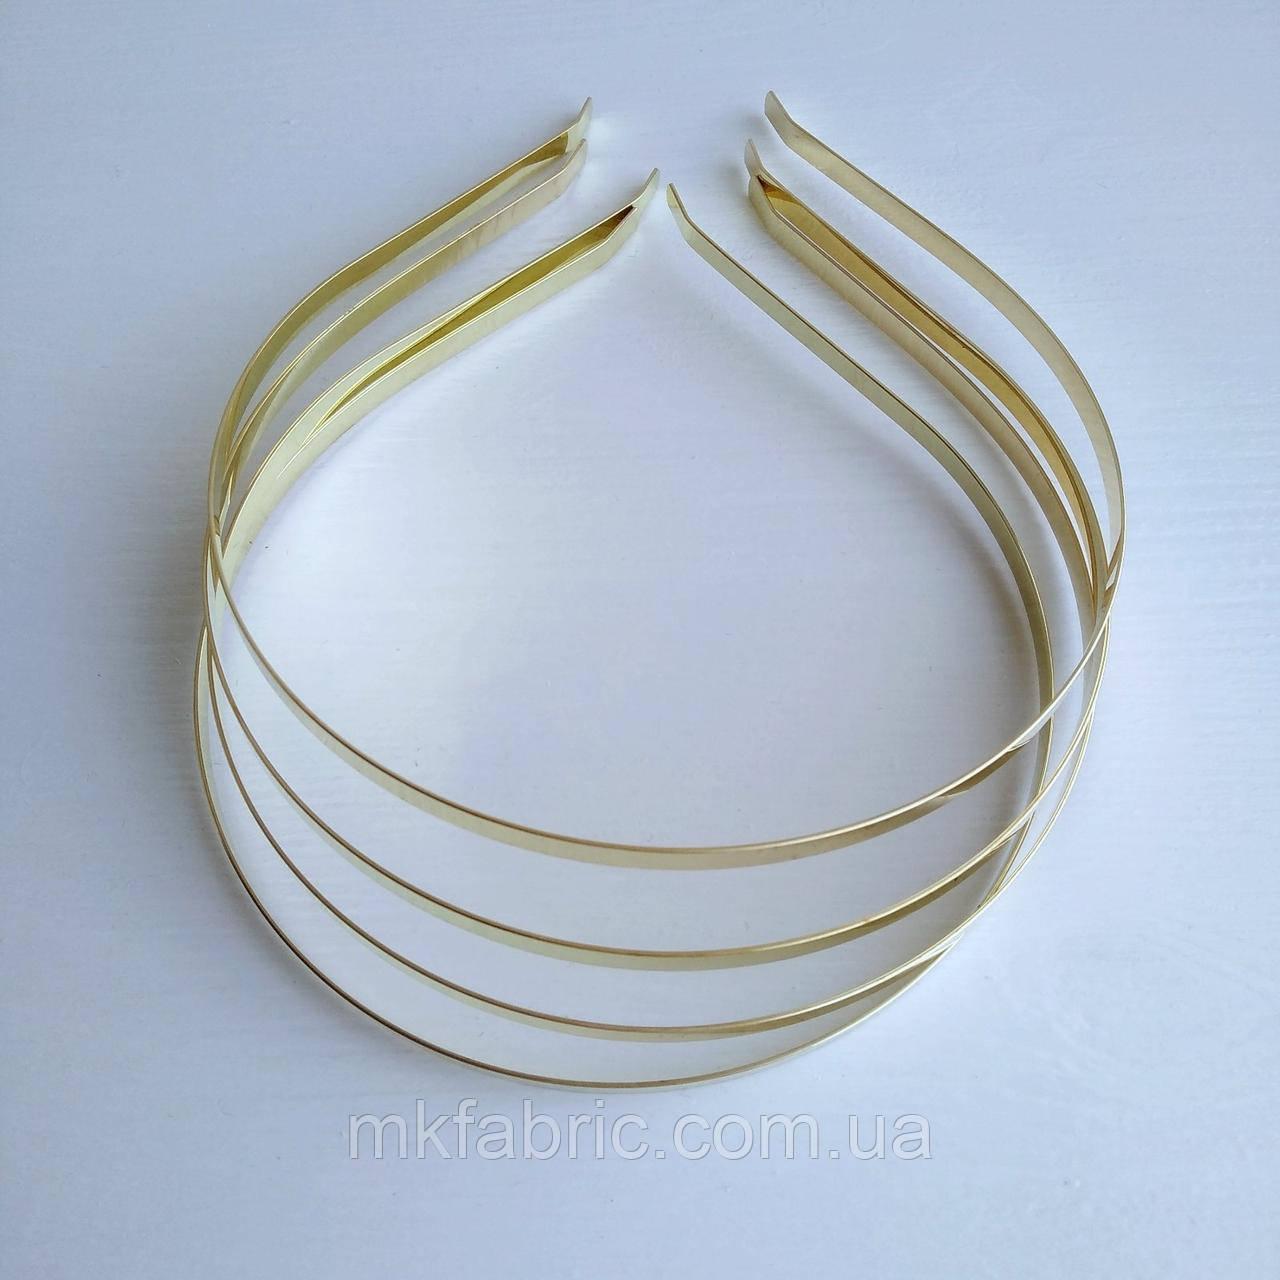 Ободок (обруч) металлический для волос, 4,5 мм, ЗОЛОТОЙ